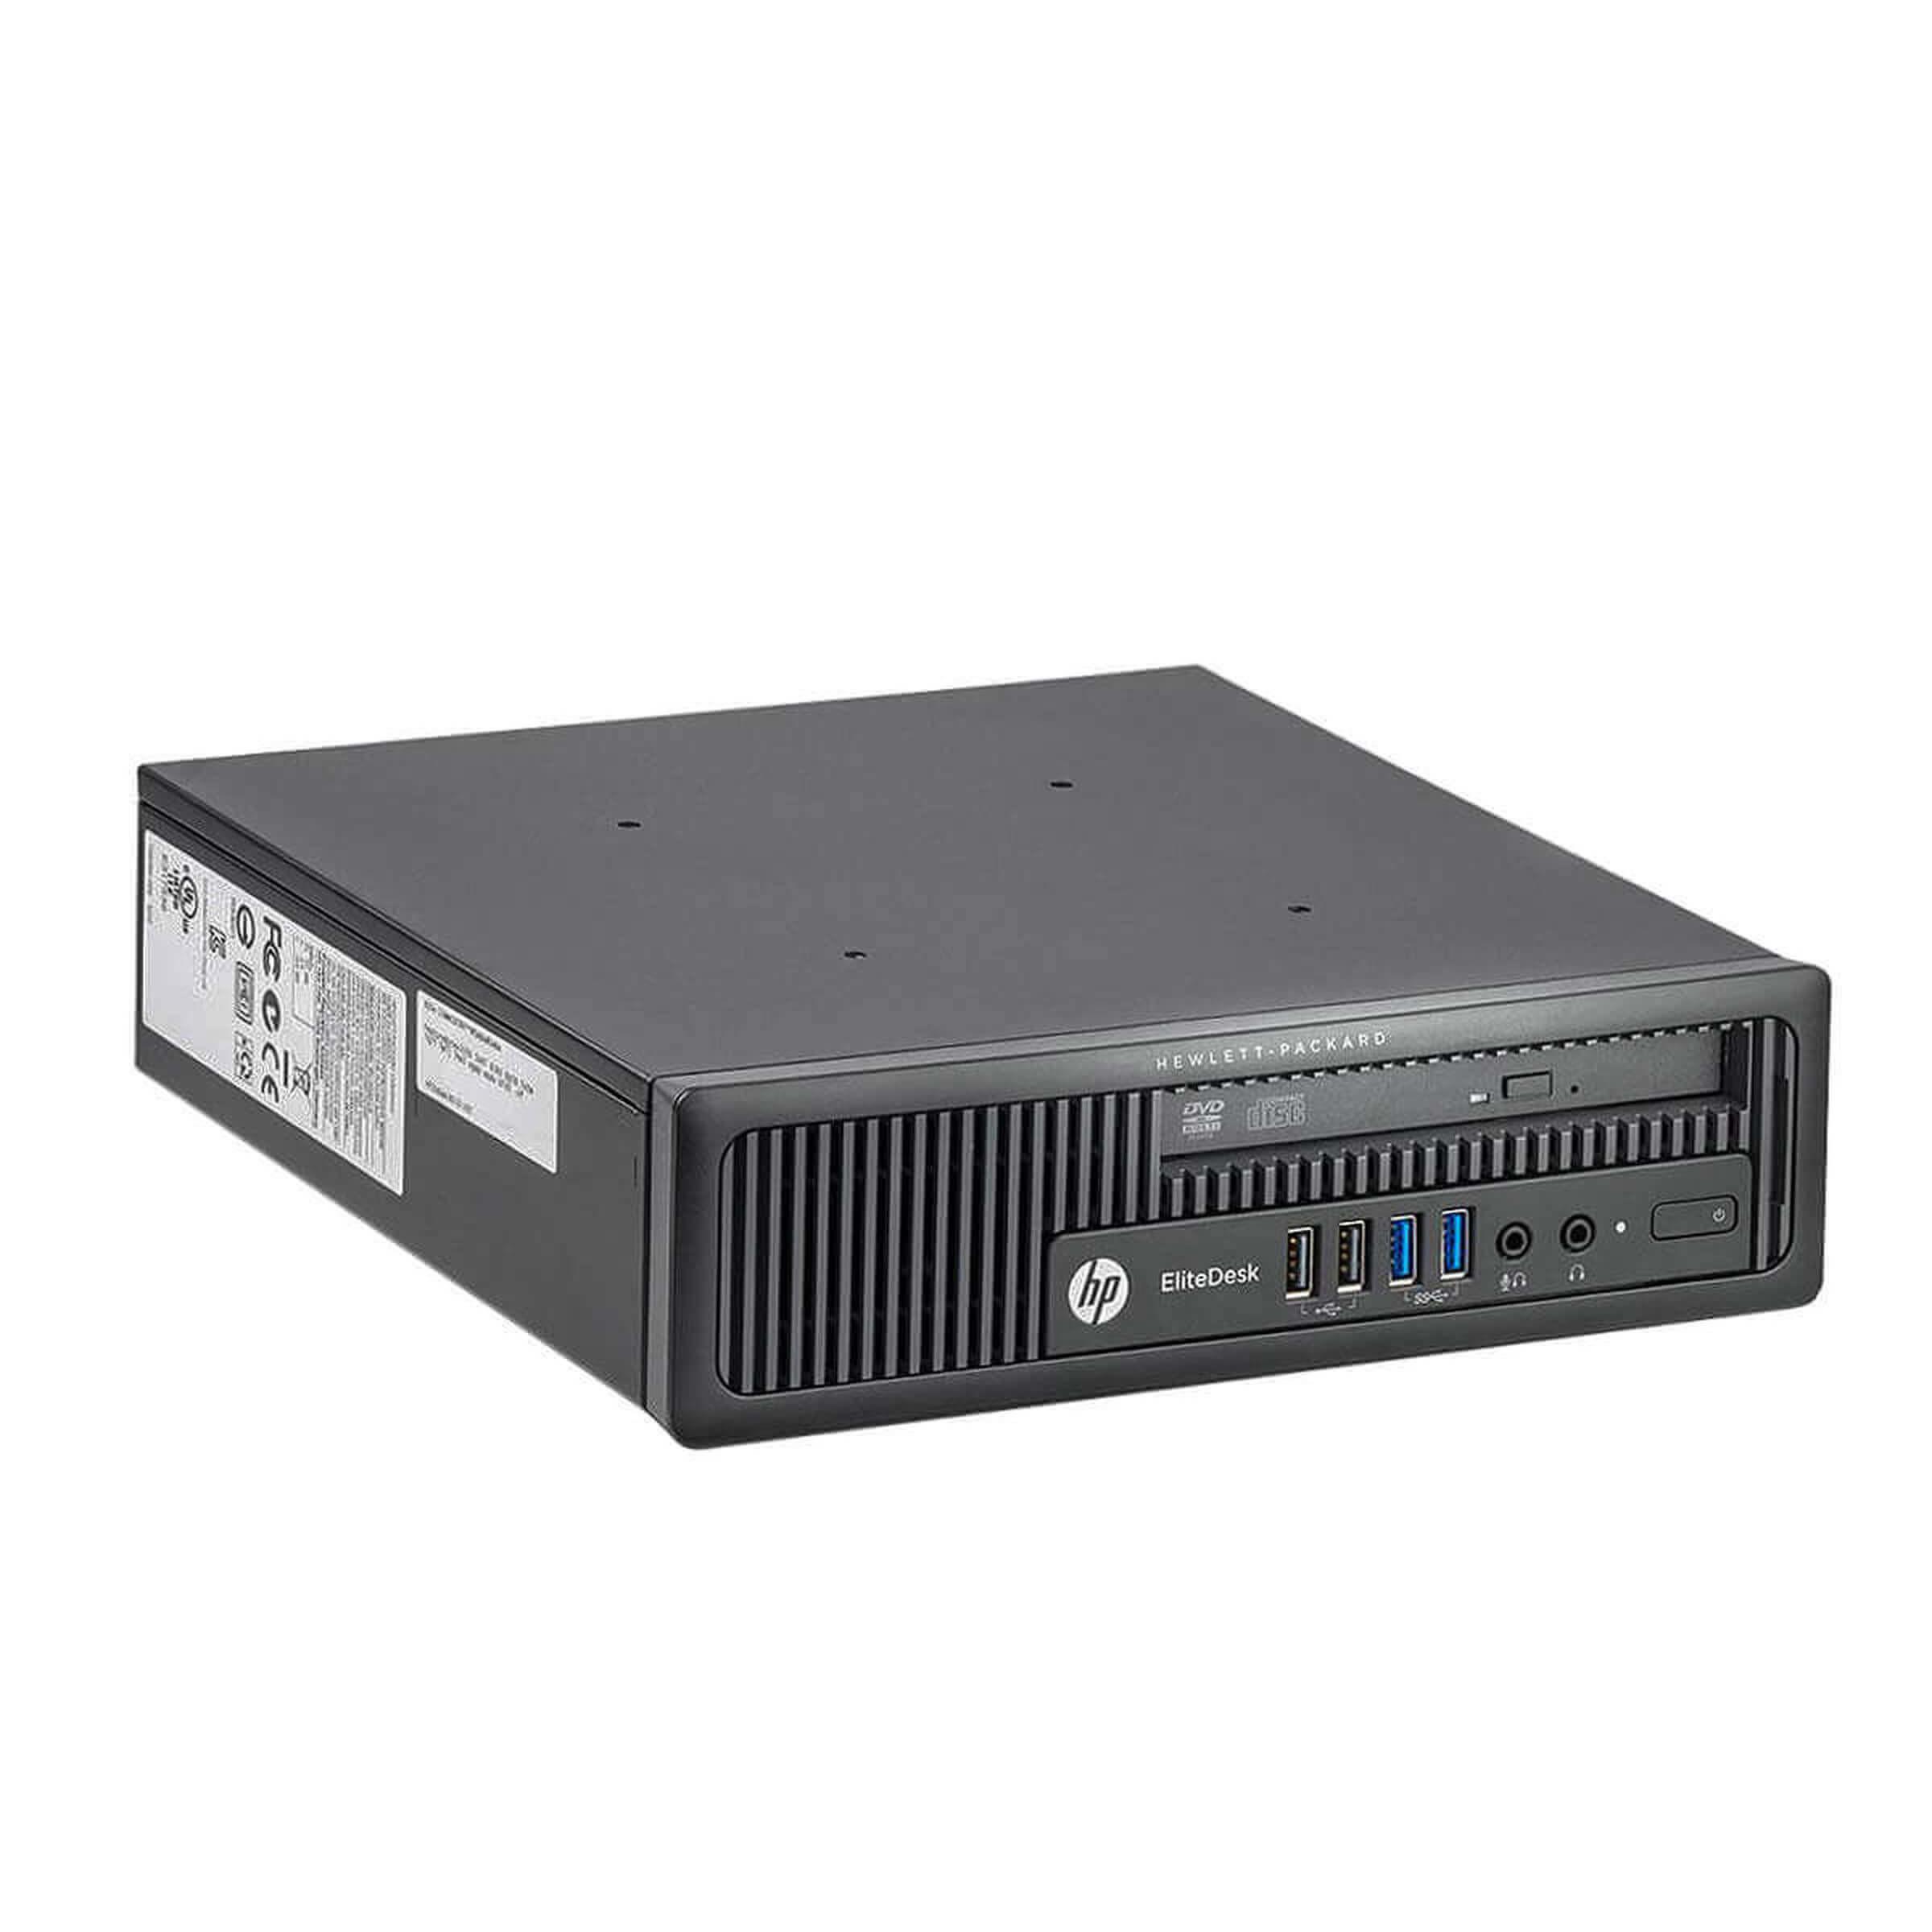 HP Elitedesk 800 G1 USDT Core i5 2,9 GHz - HDD 500 GB RAM 4 GB